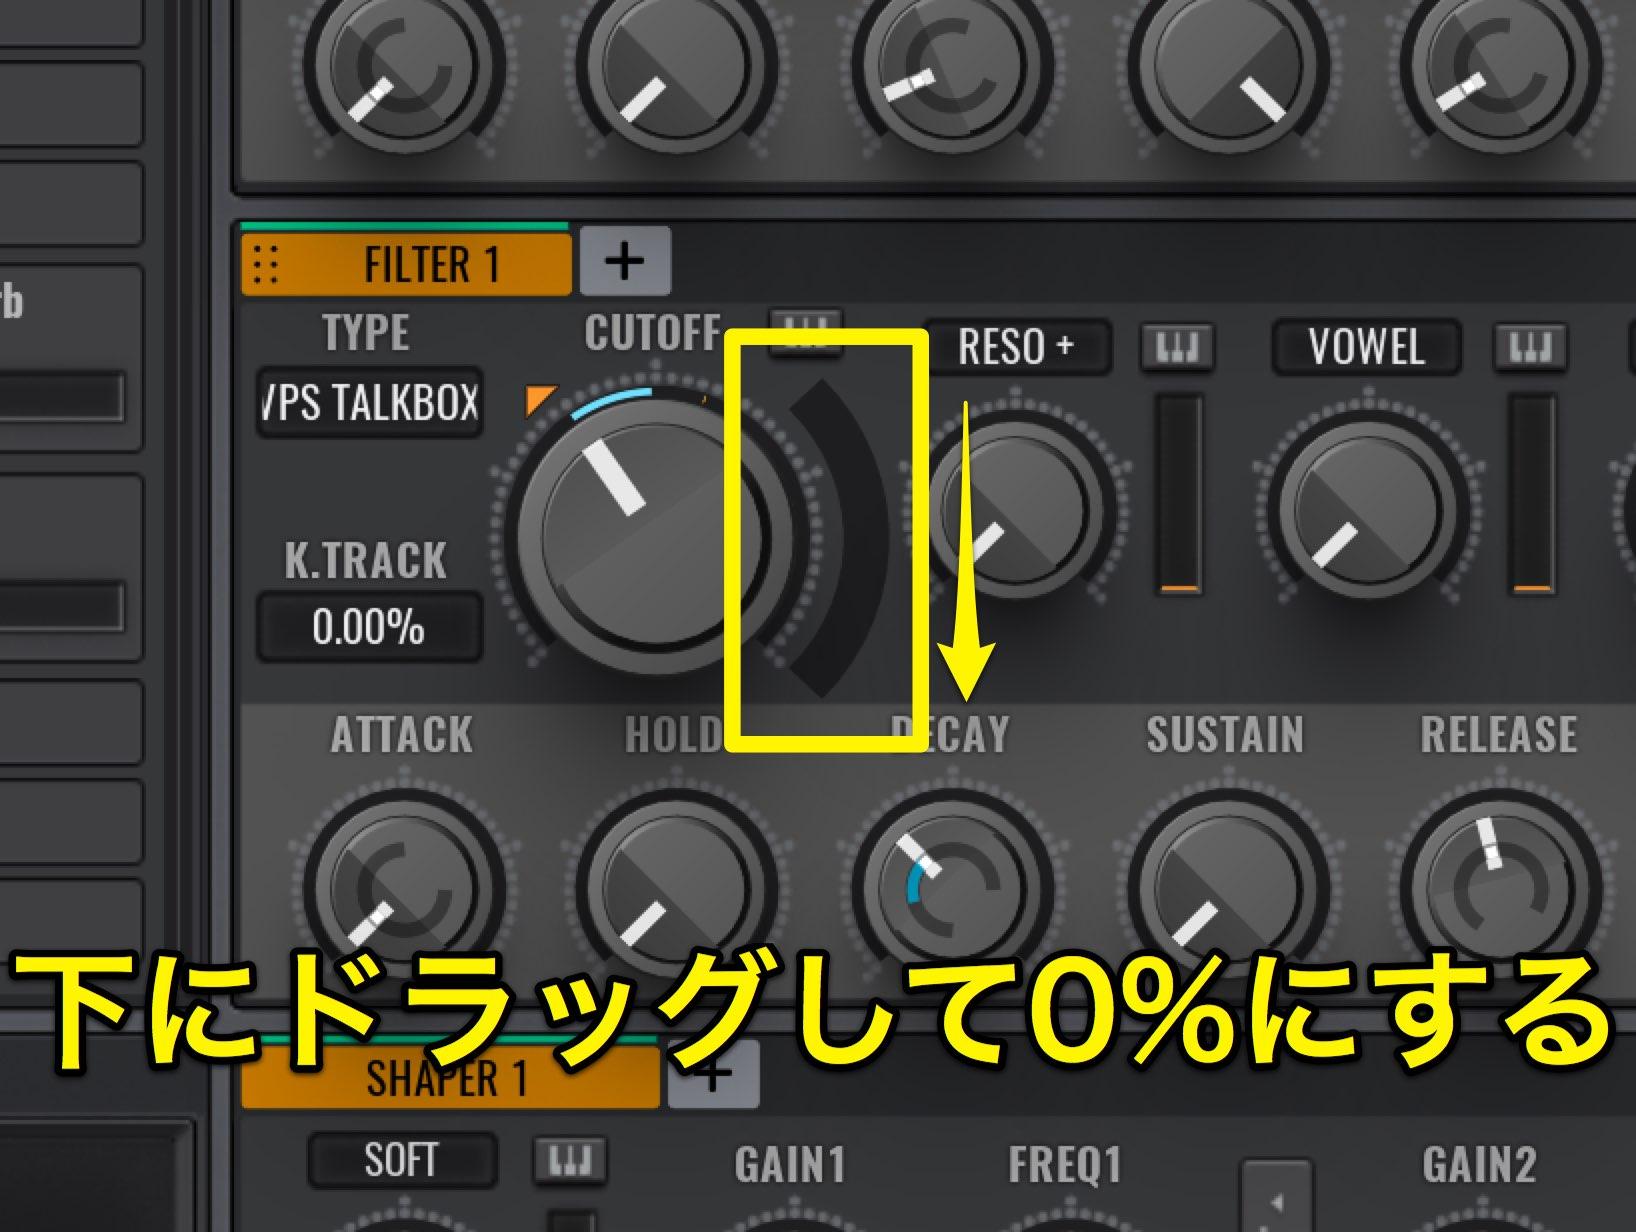 VPS Avenger_2-VPS Avenger-2